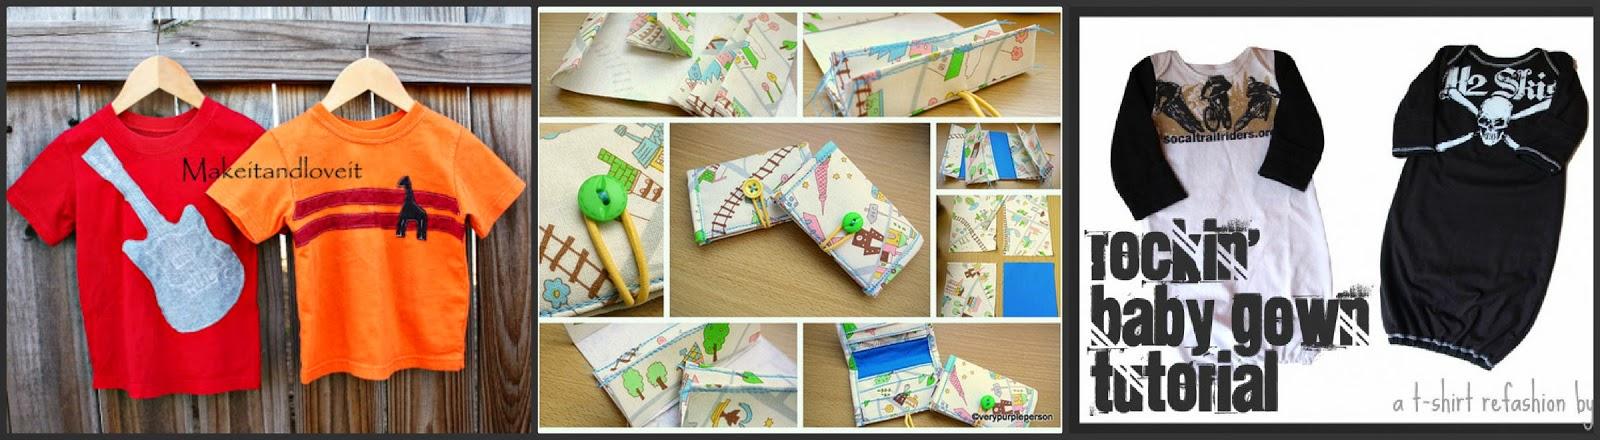 http://seemesew.blogspot.com/2011/02/sew-boy.html